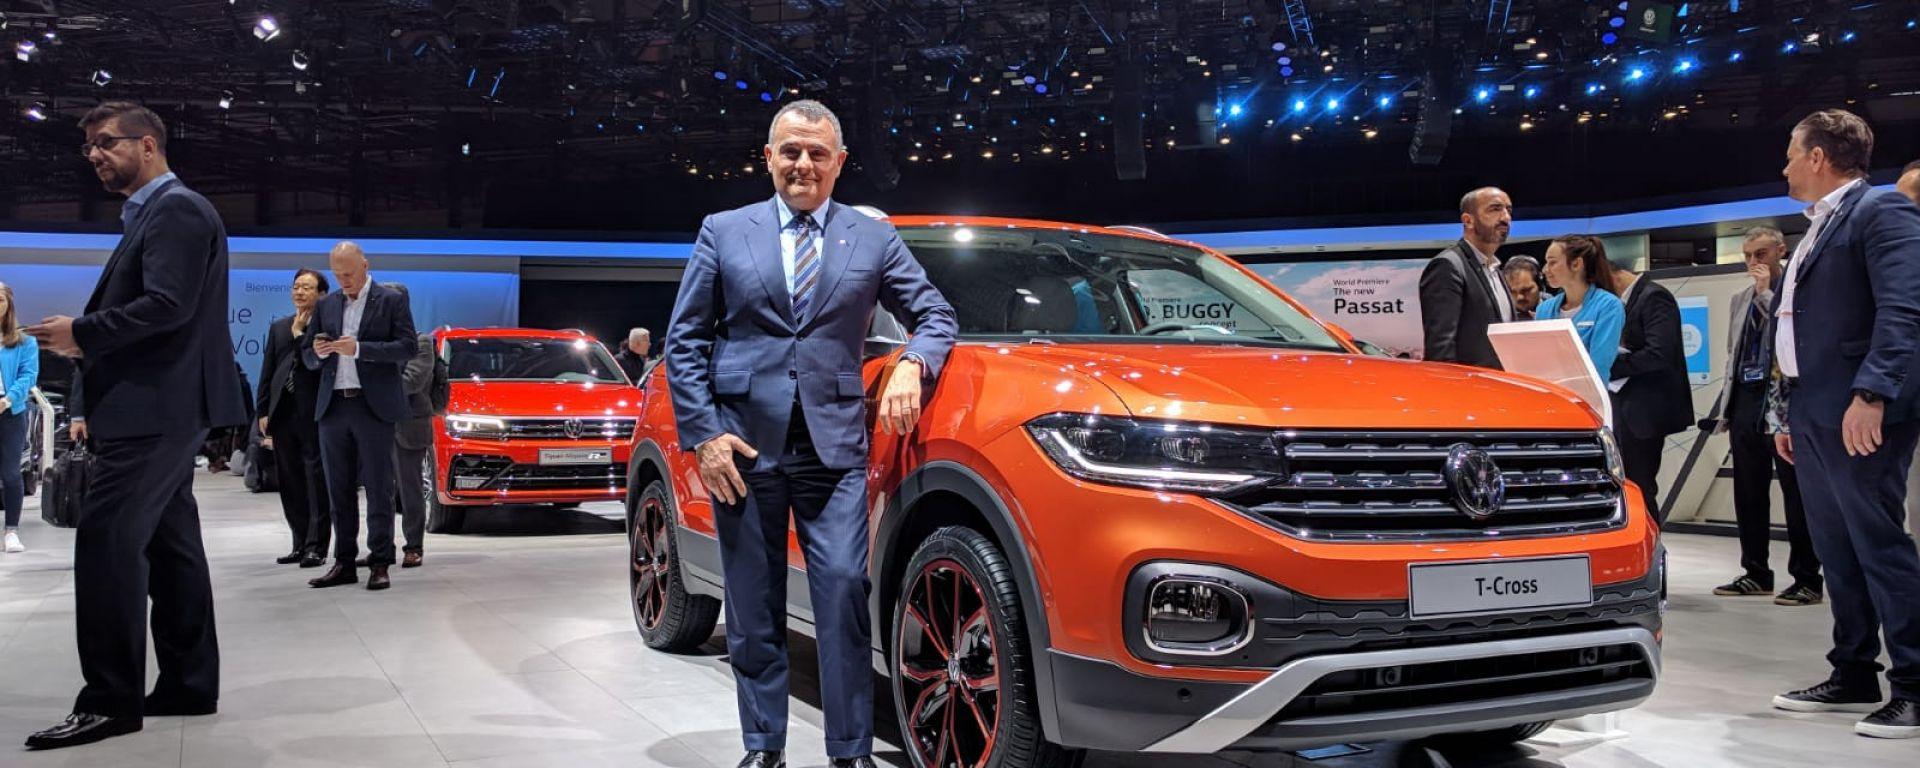 Salone di Ginevra 2019, le novità allo stand Volkswagen